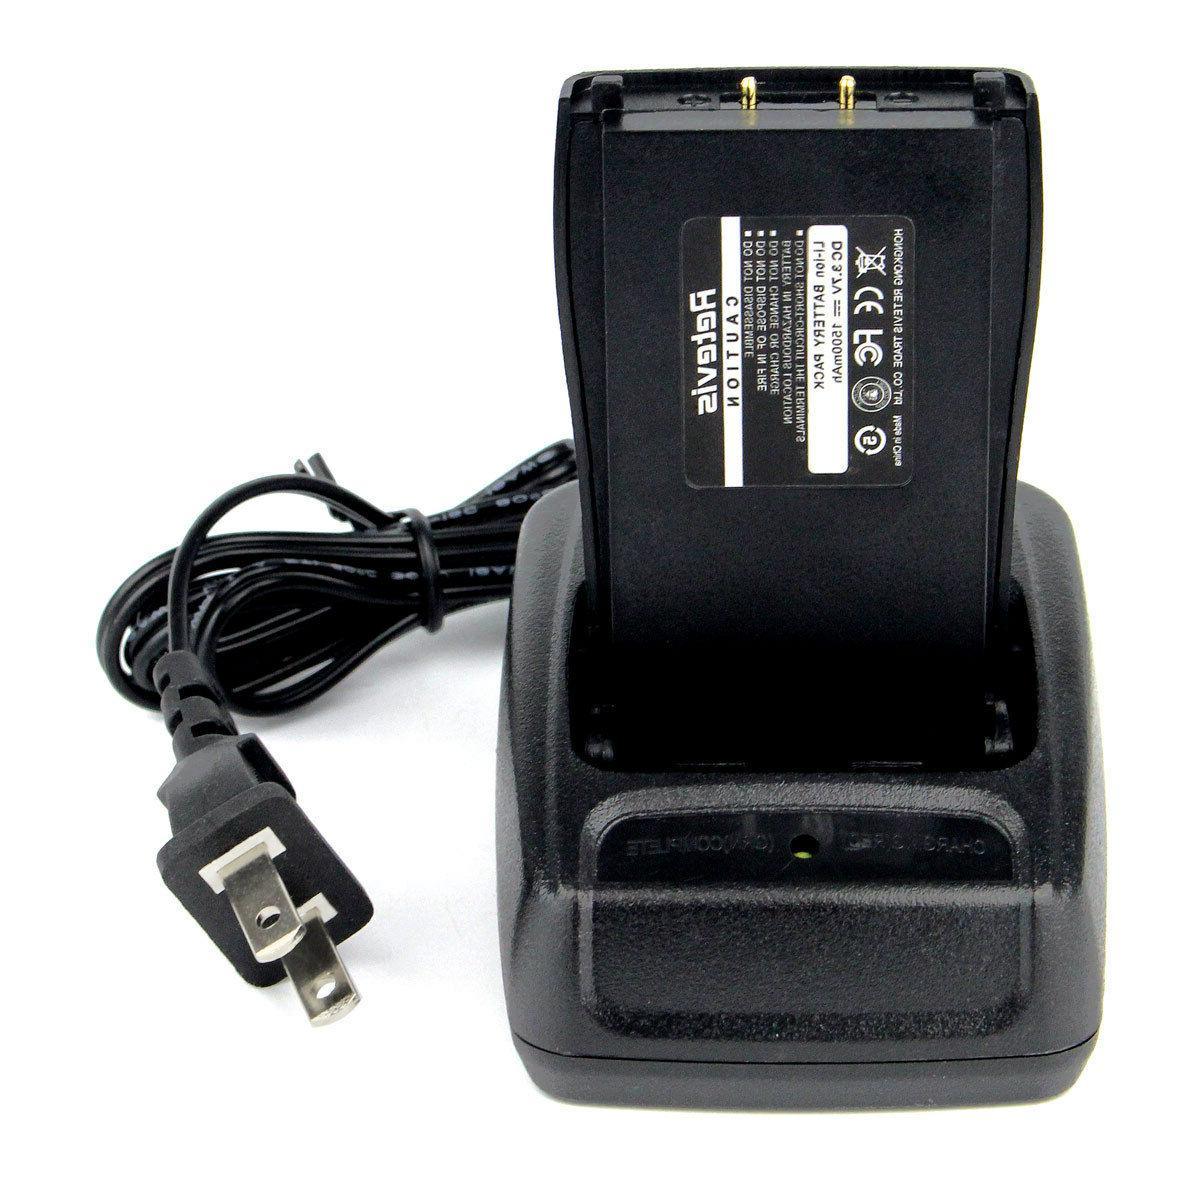 10x Retevis H777 Walkie Talkies 16CH UHF 5W Mic US